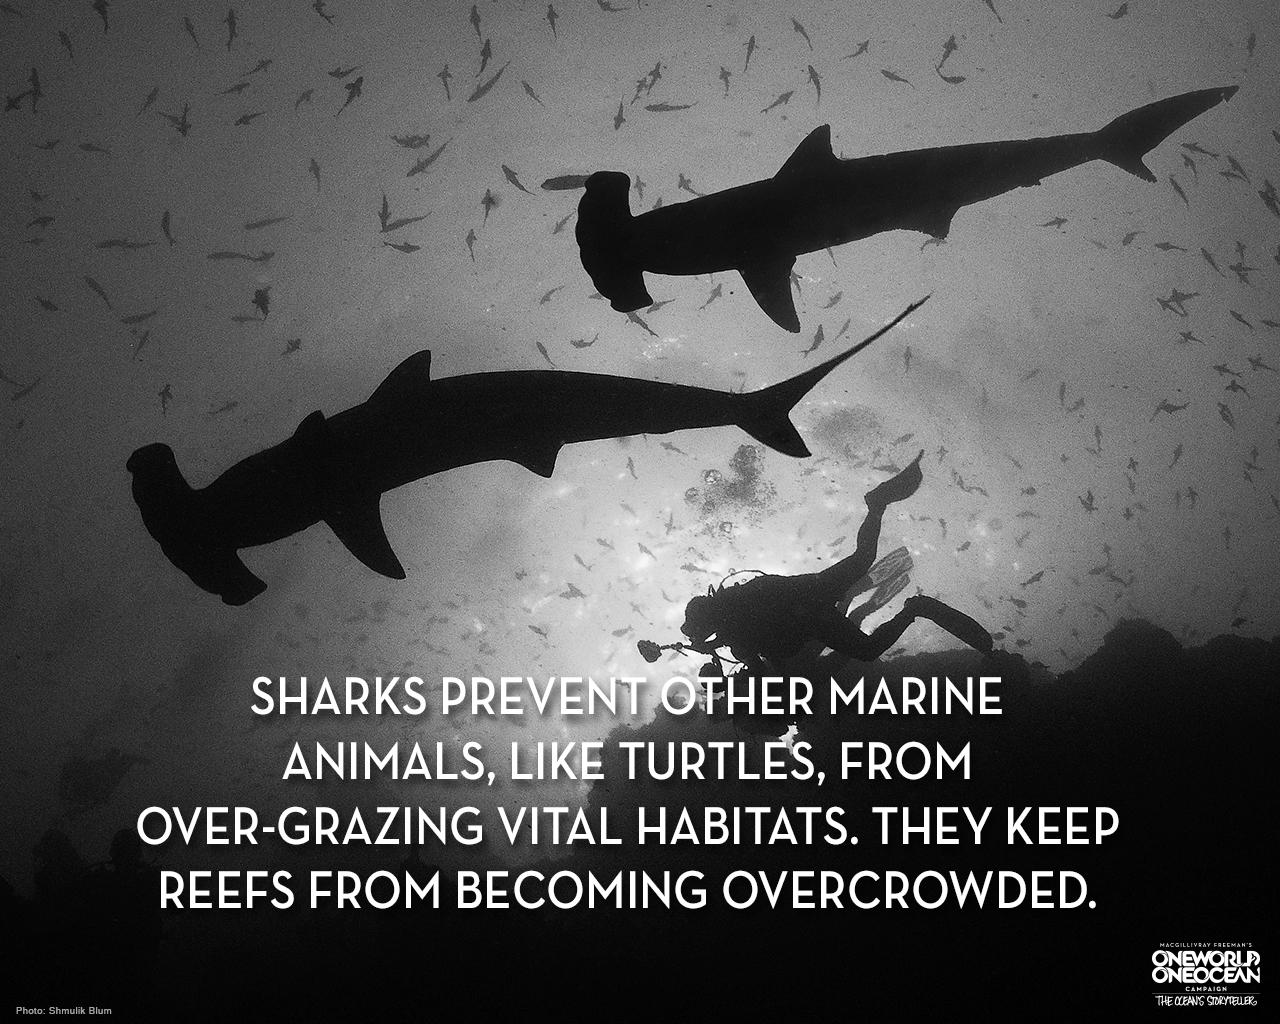 Sharks Help The Ocean